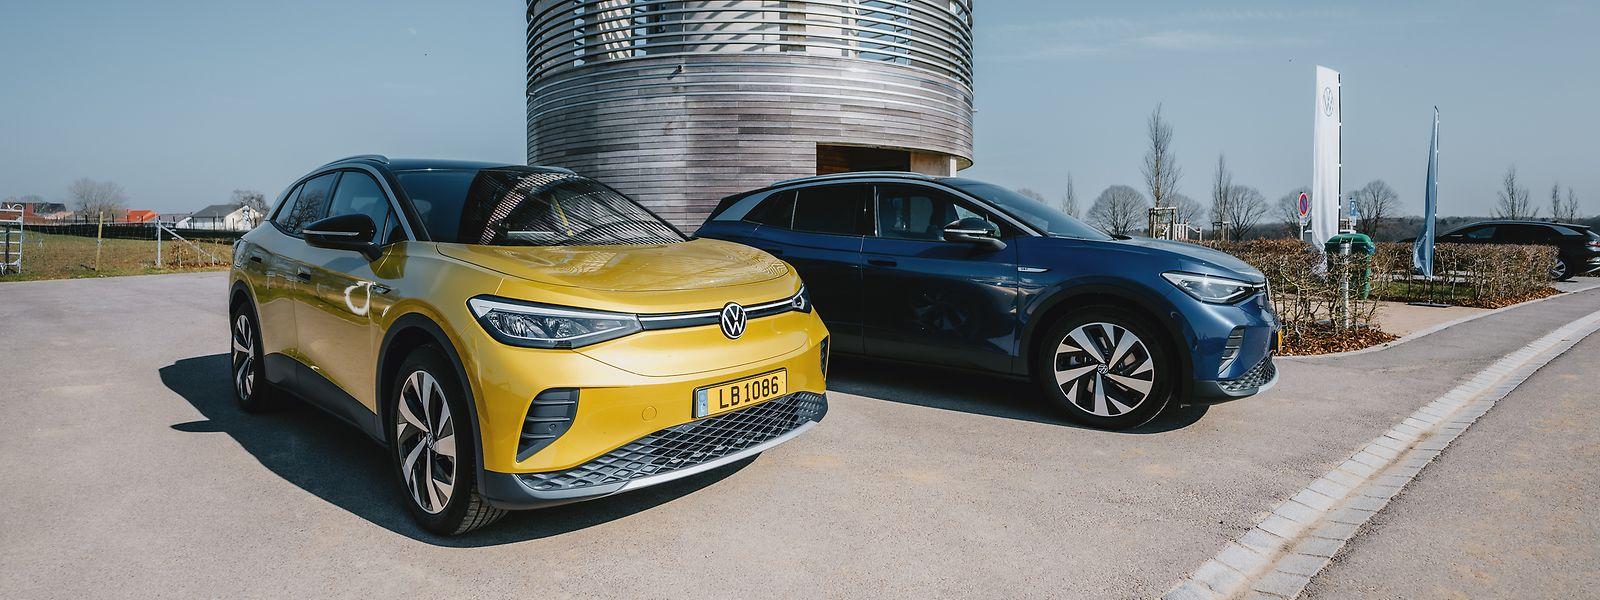 VW hofft, dass der neue ID.4 in Zukunft häufiger auf den Straßen Luxemburg zu sehen sein wird – wie etwa hier in Berdorf.